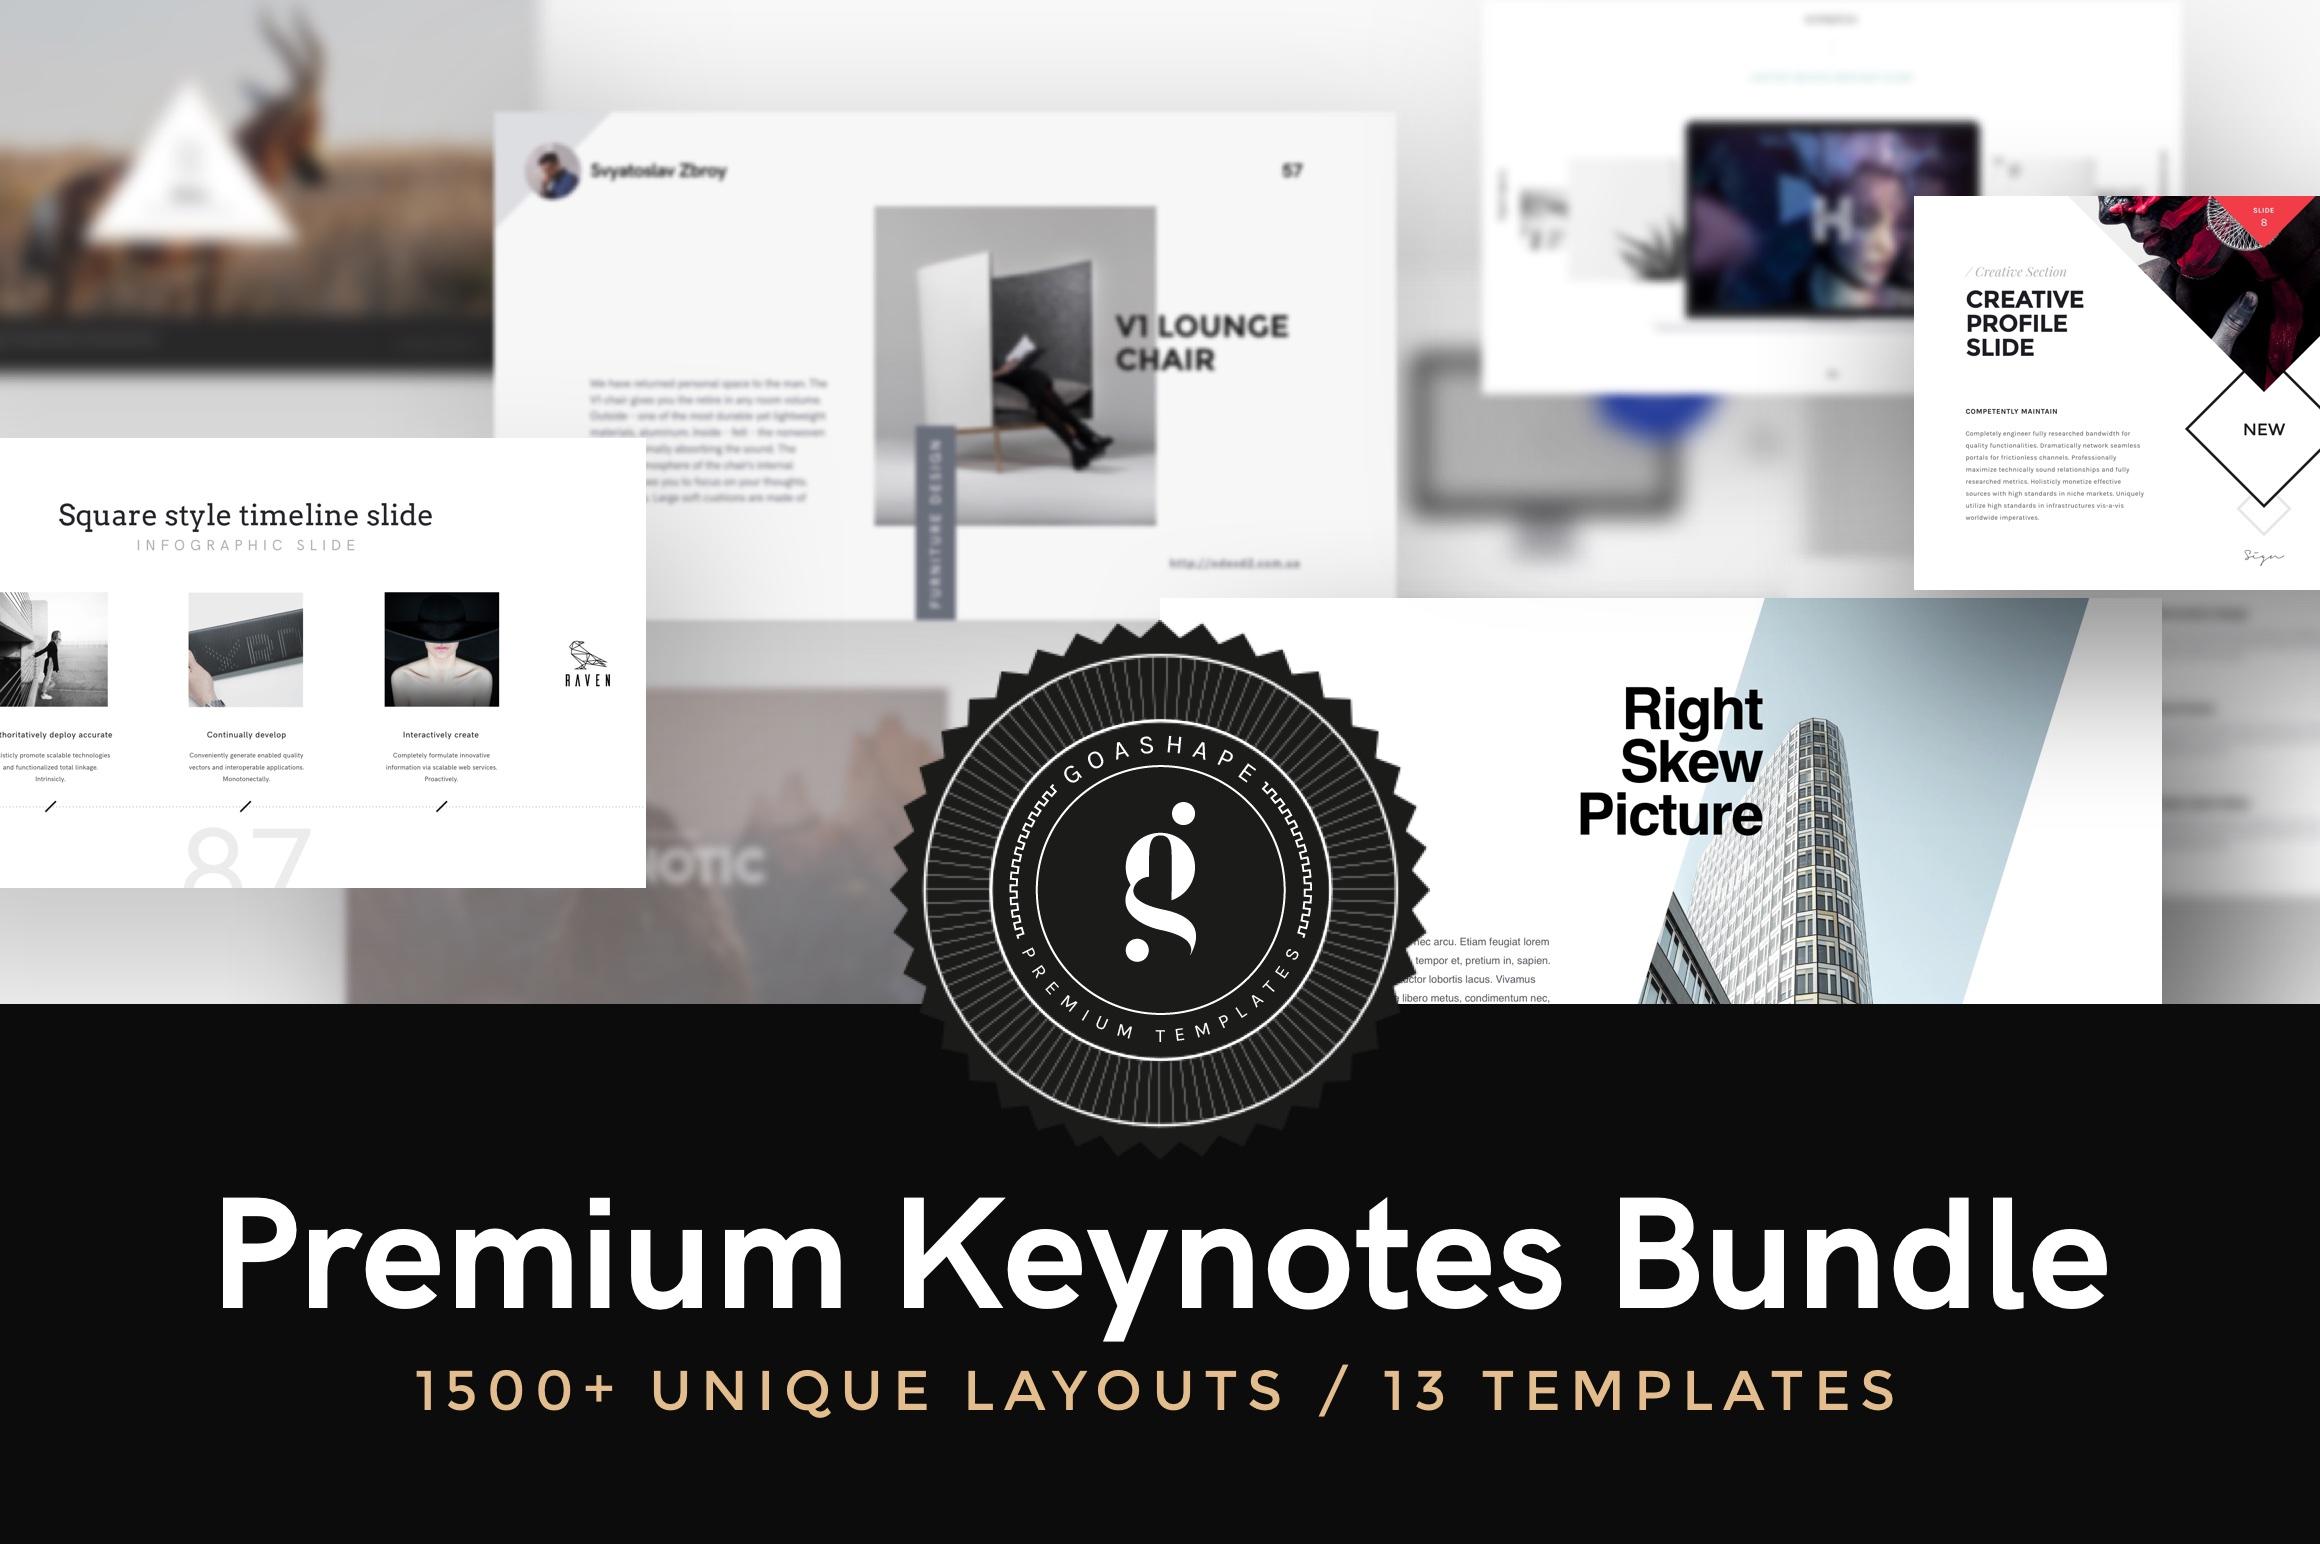 Premium keynotes by goashape cover